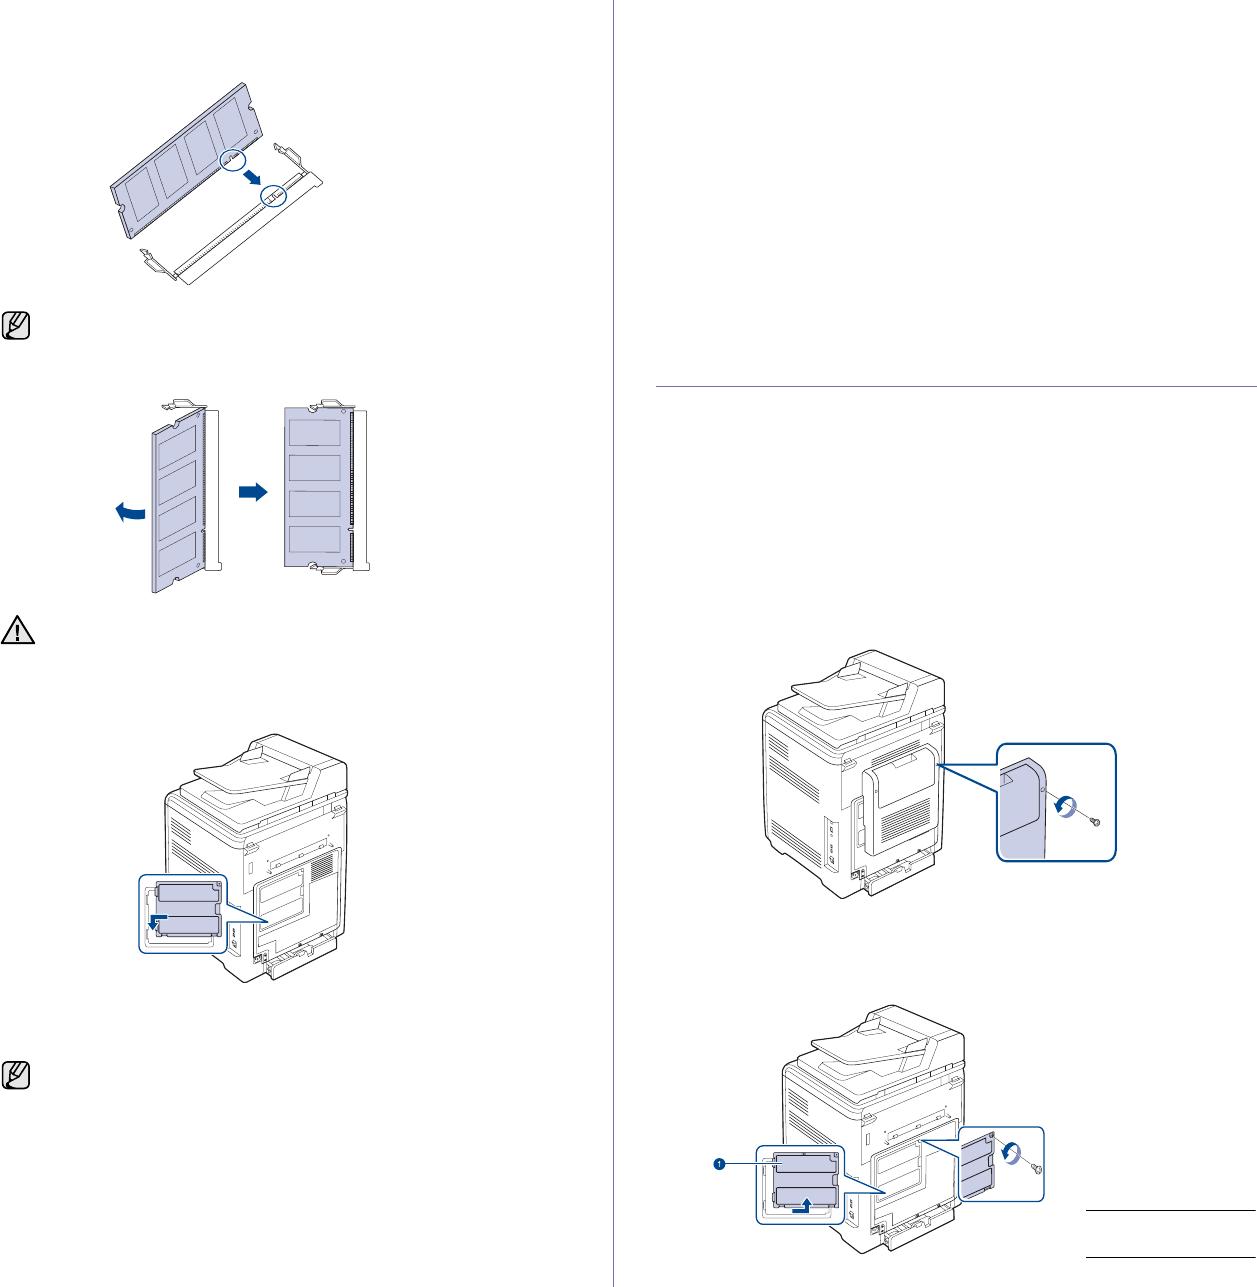 Samsung CLX-6200FX, CLX-6200ND, CLX-6210FX, CLX-6240FX